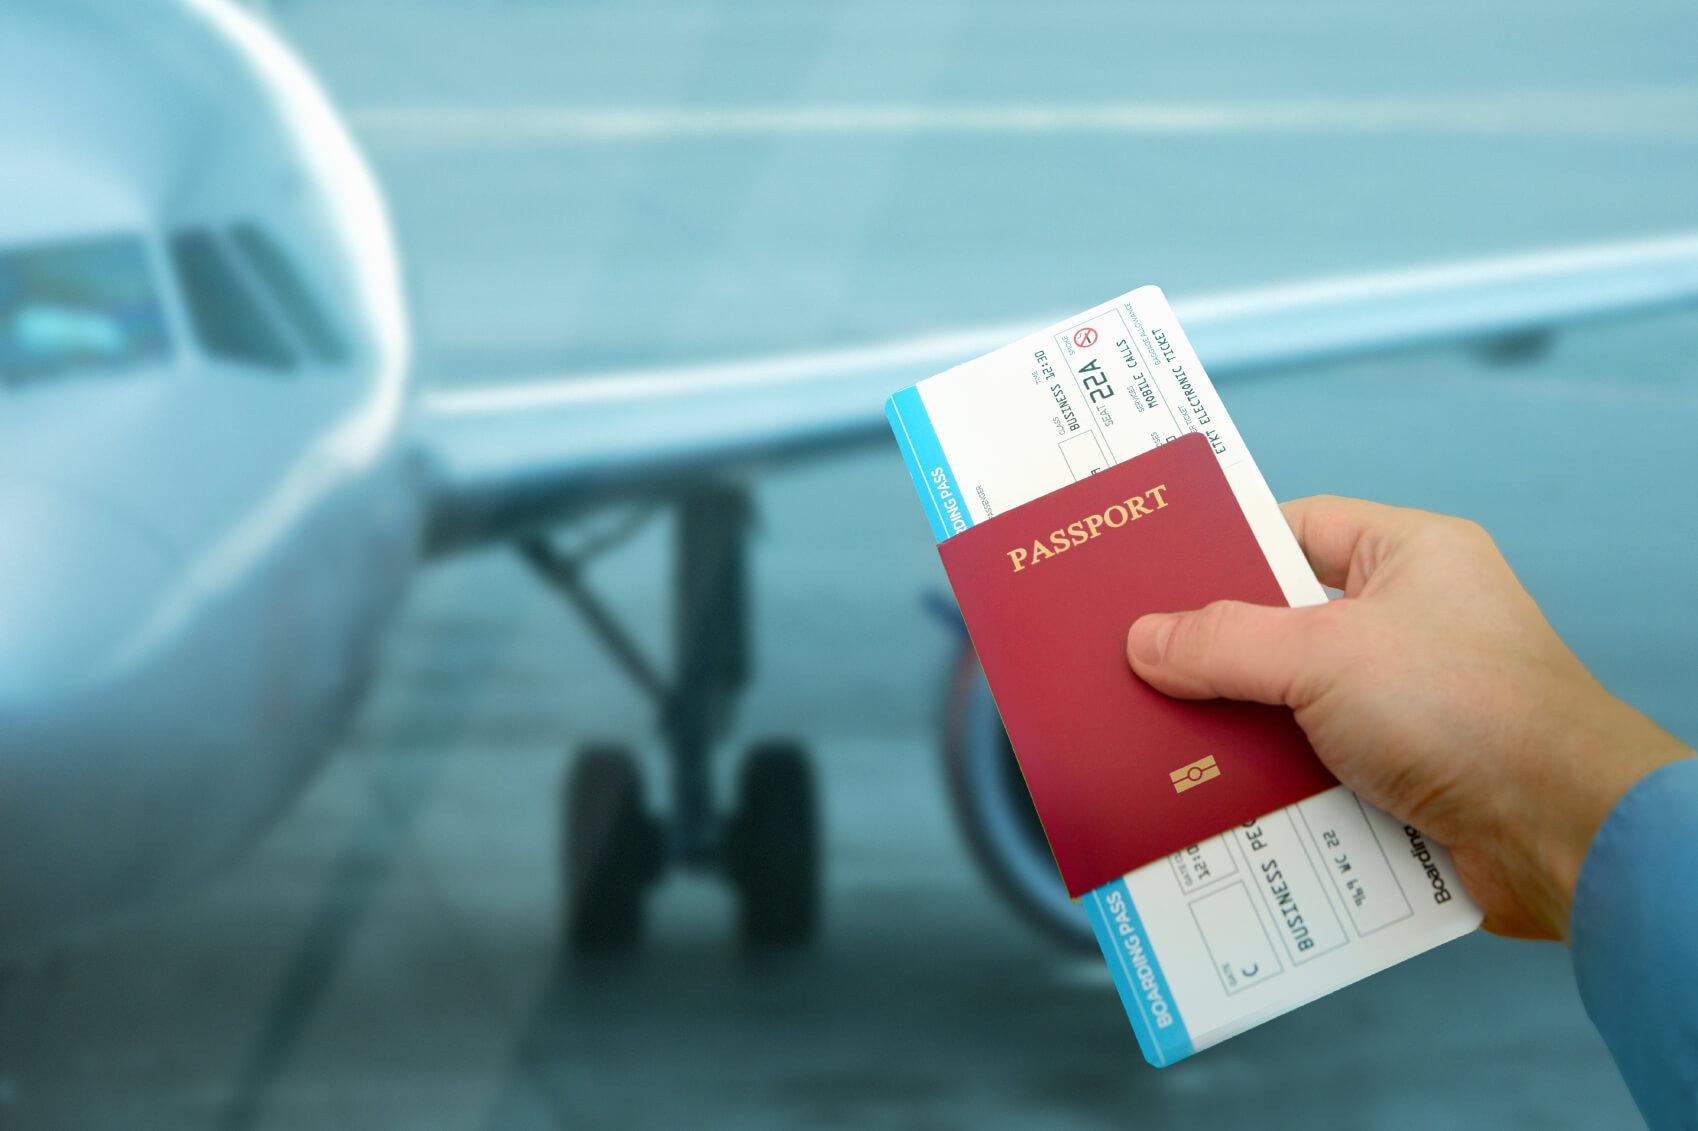 На сколько подорожали авиабилеты в январе?